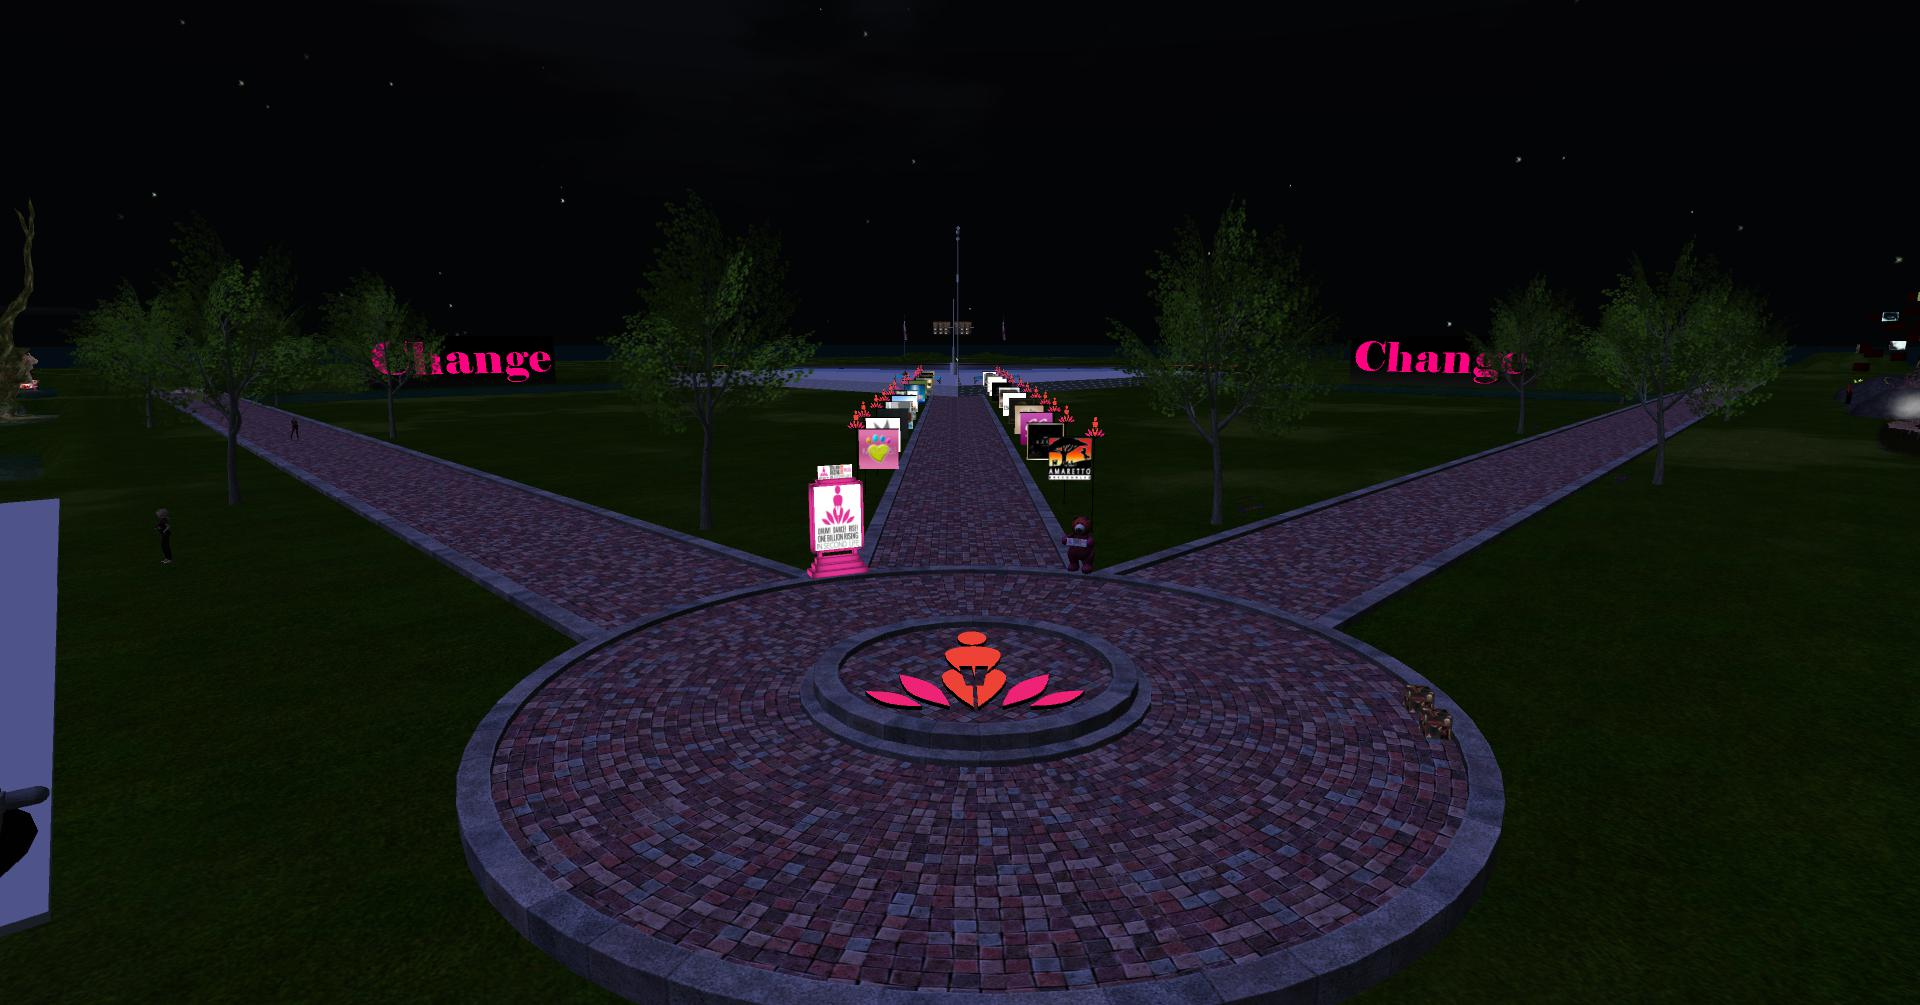 OBR Change_009